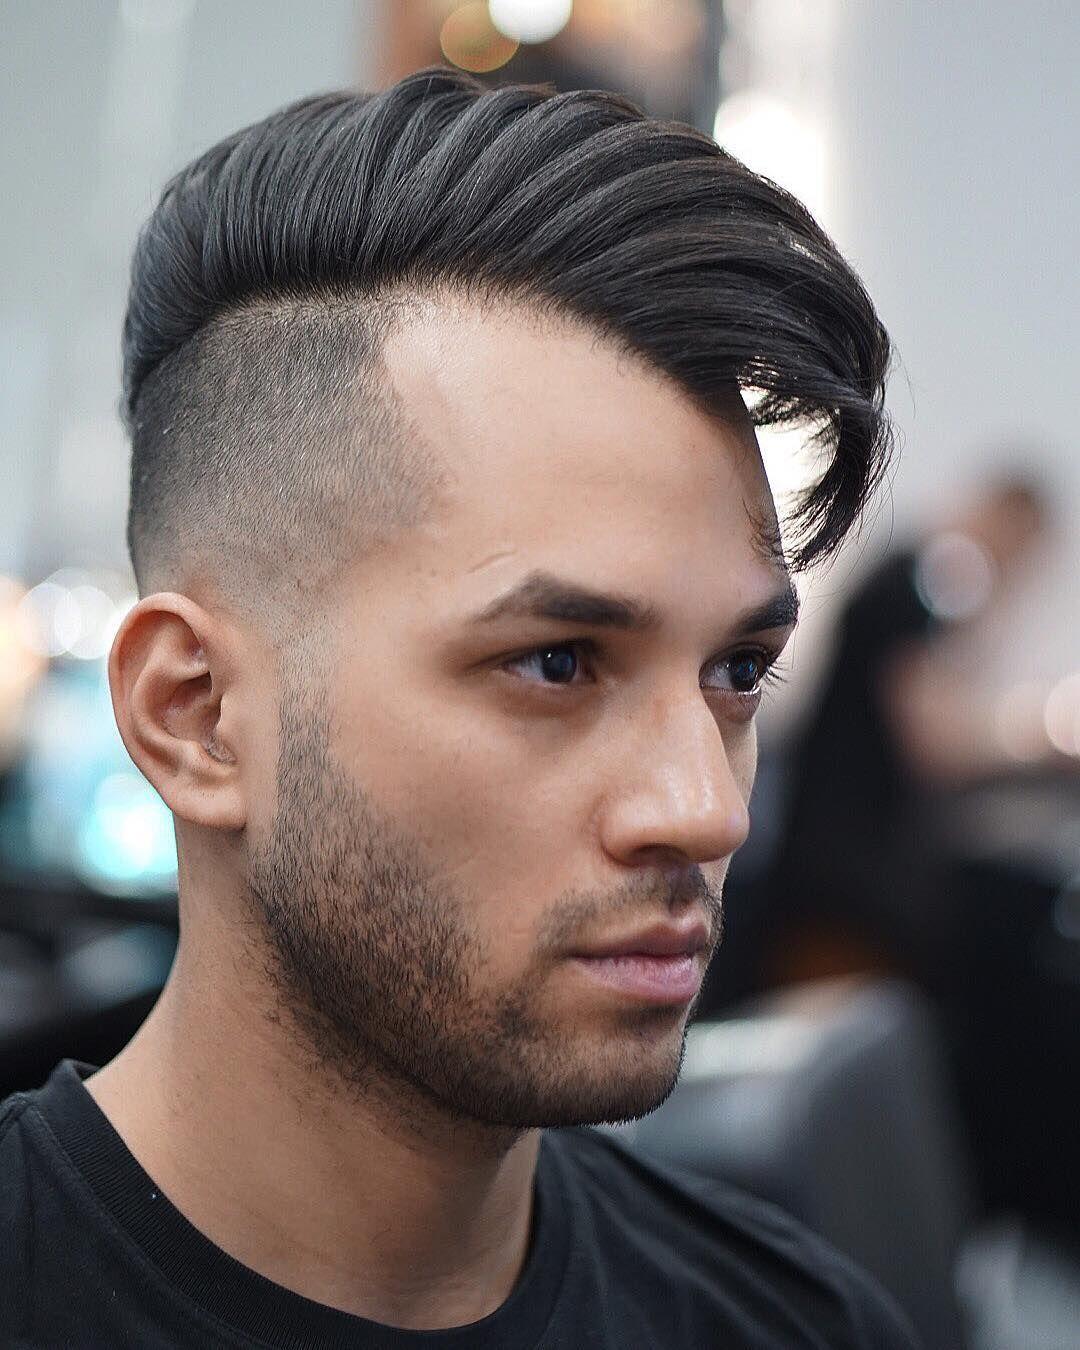 Mens haircuts high fade types of fade haircuts  types of fade haircuts  pinterest  hair